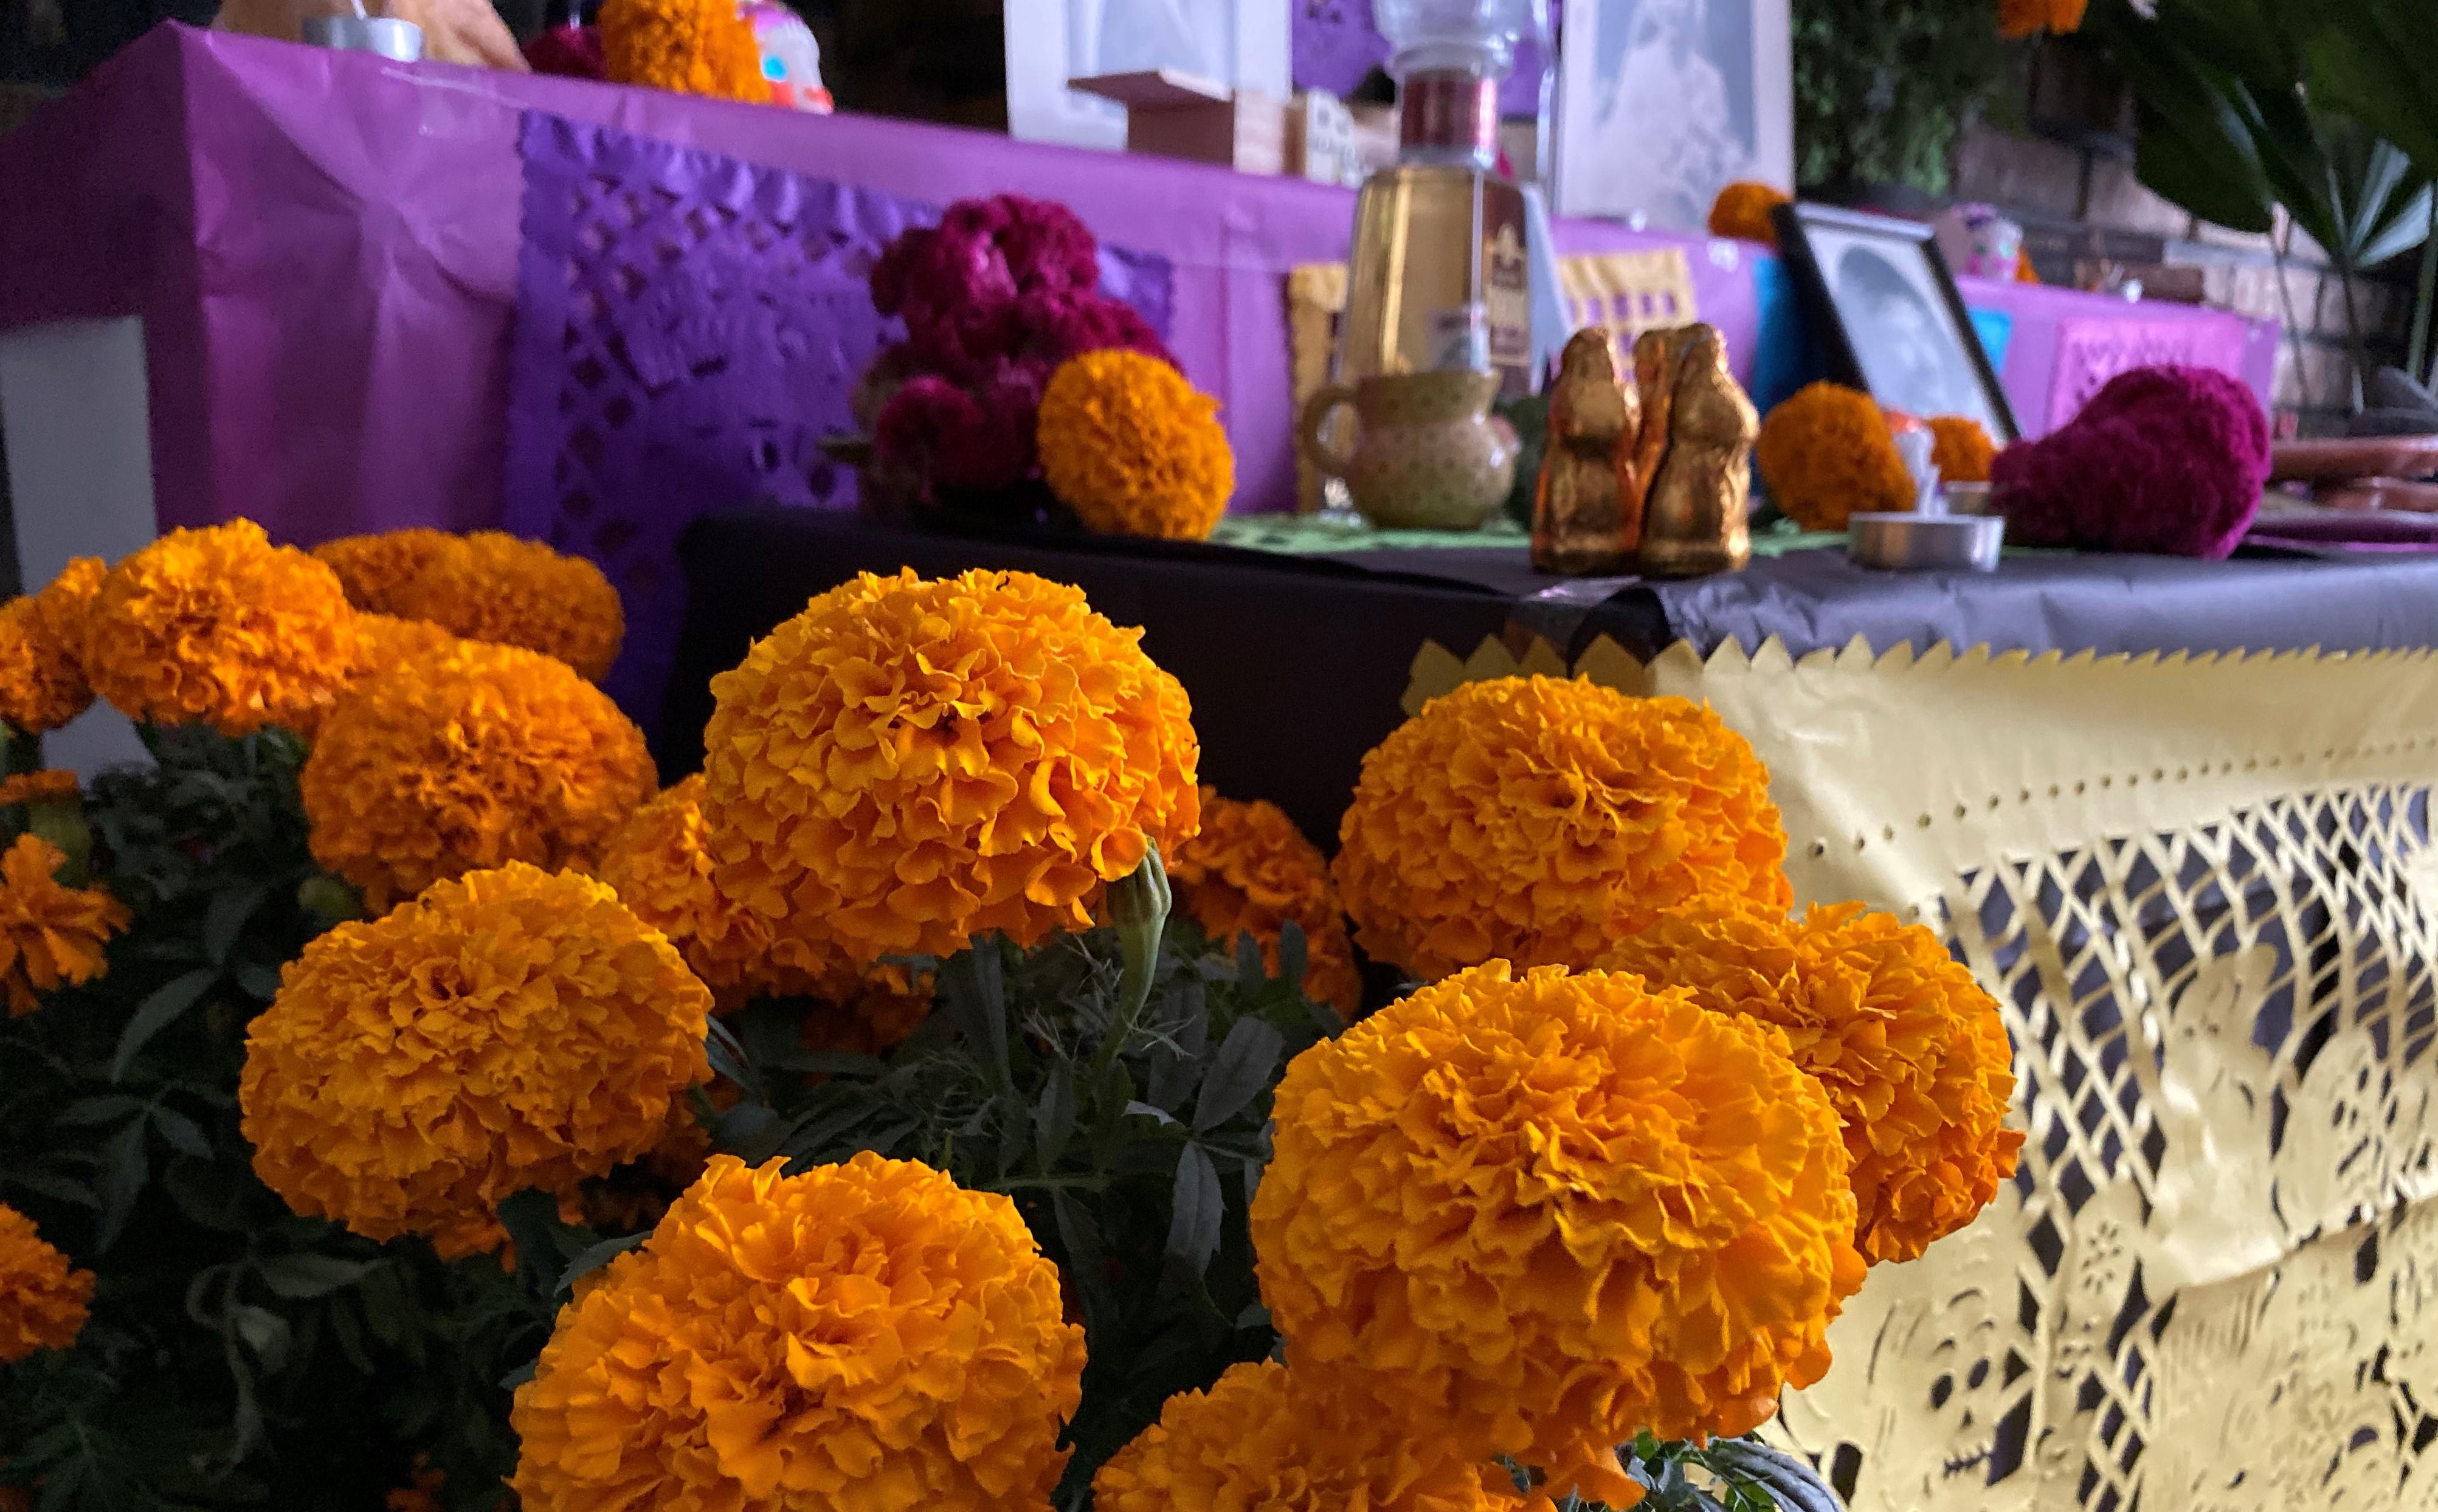 Recuerdo, Descubrimient y Voluntad: Costumbres ChicanasI del Día de Muertos